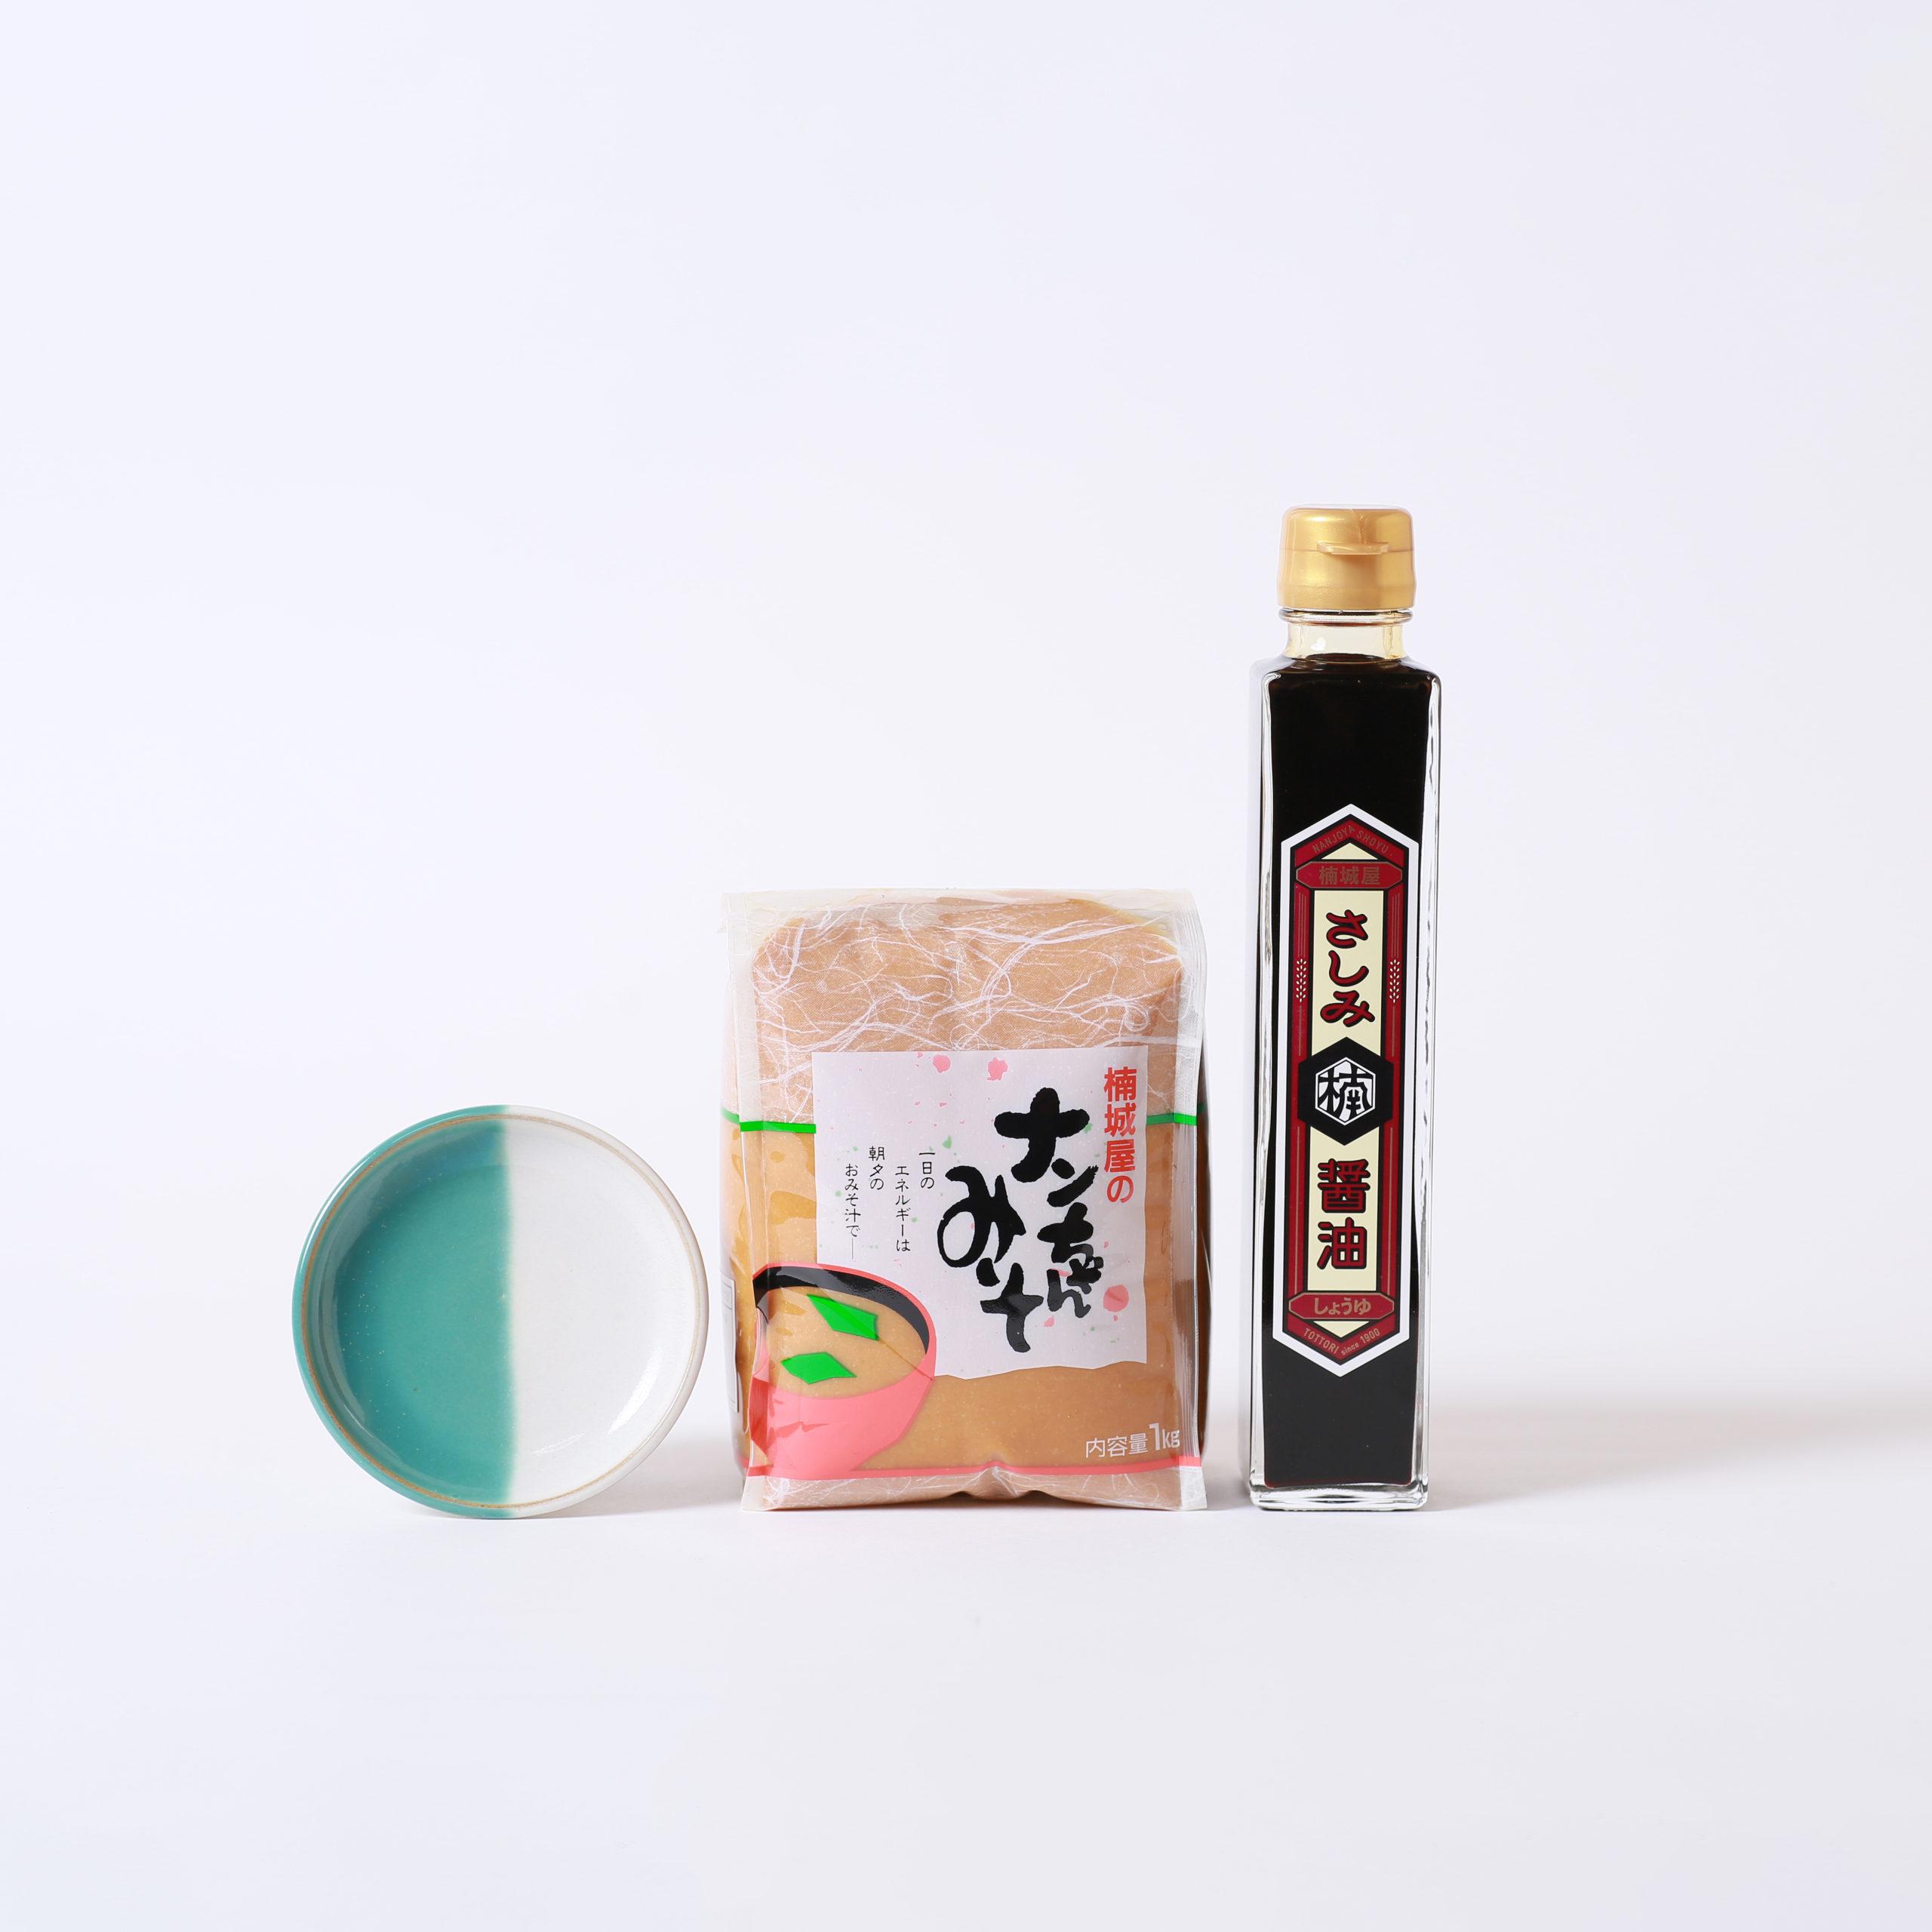 中井窯醤油小皿セット②